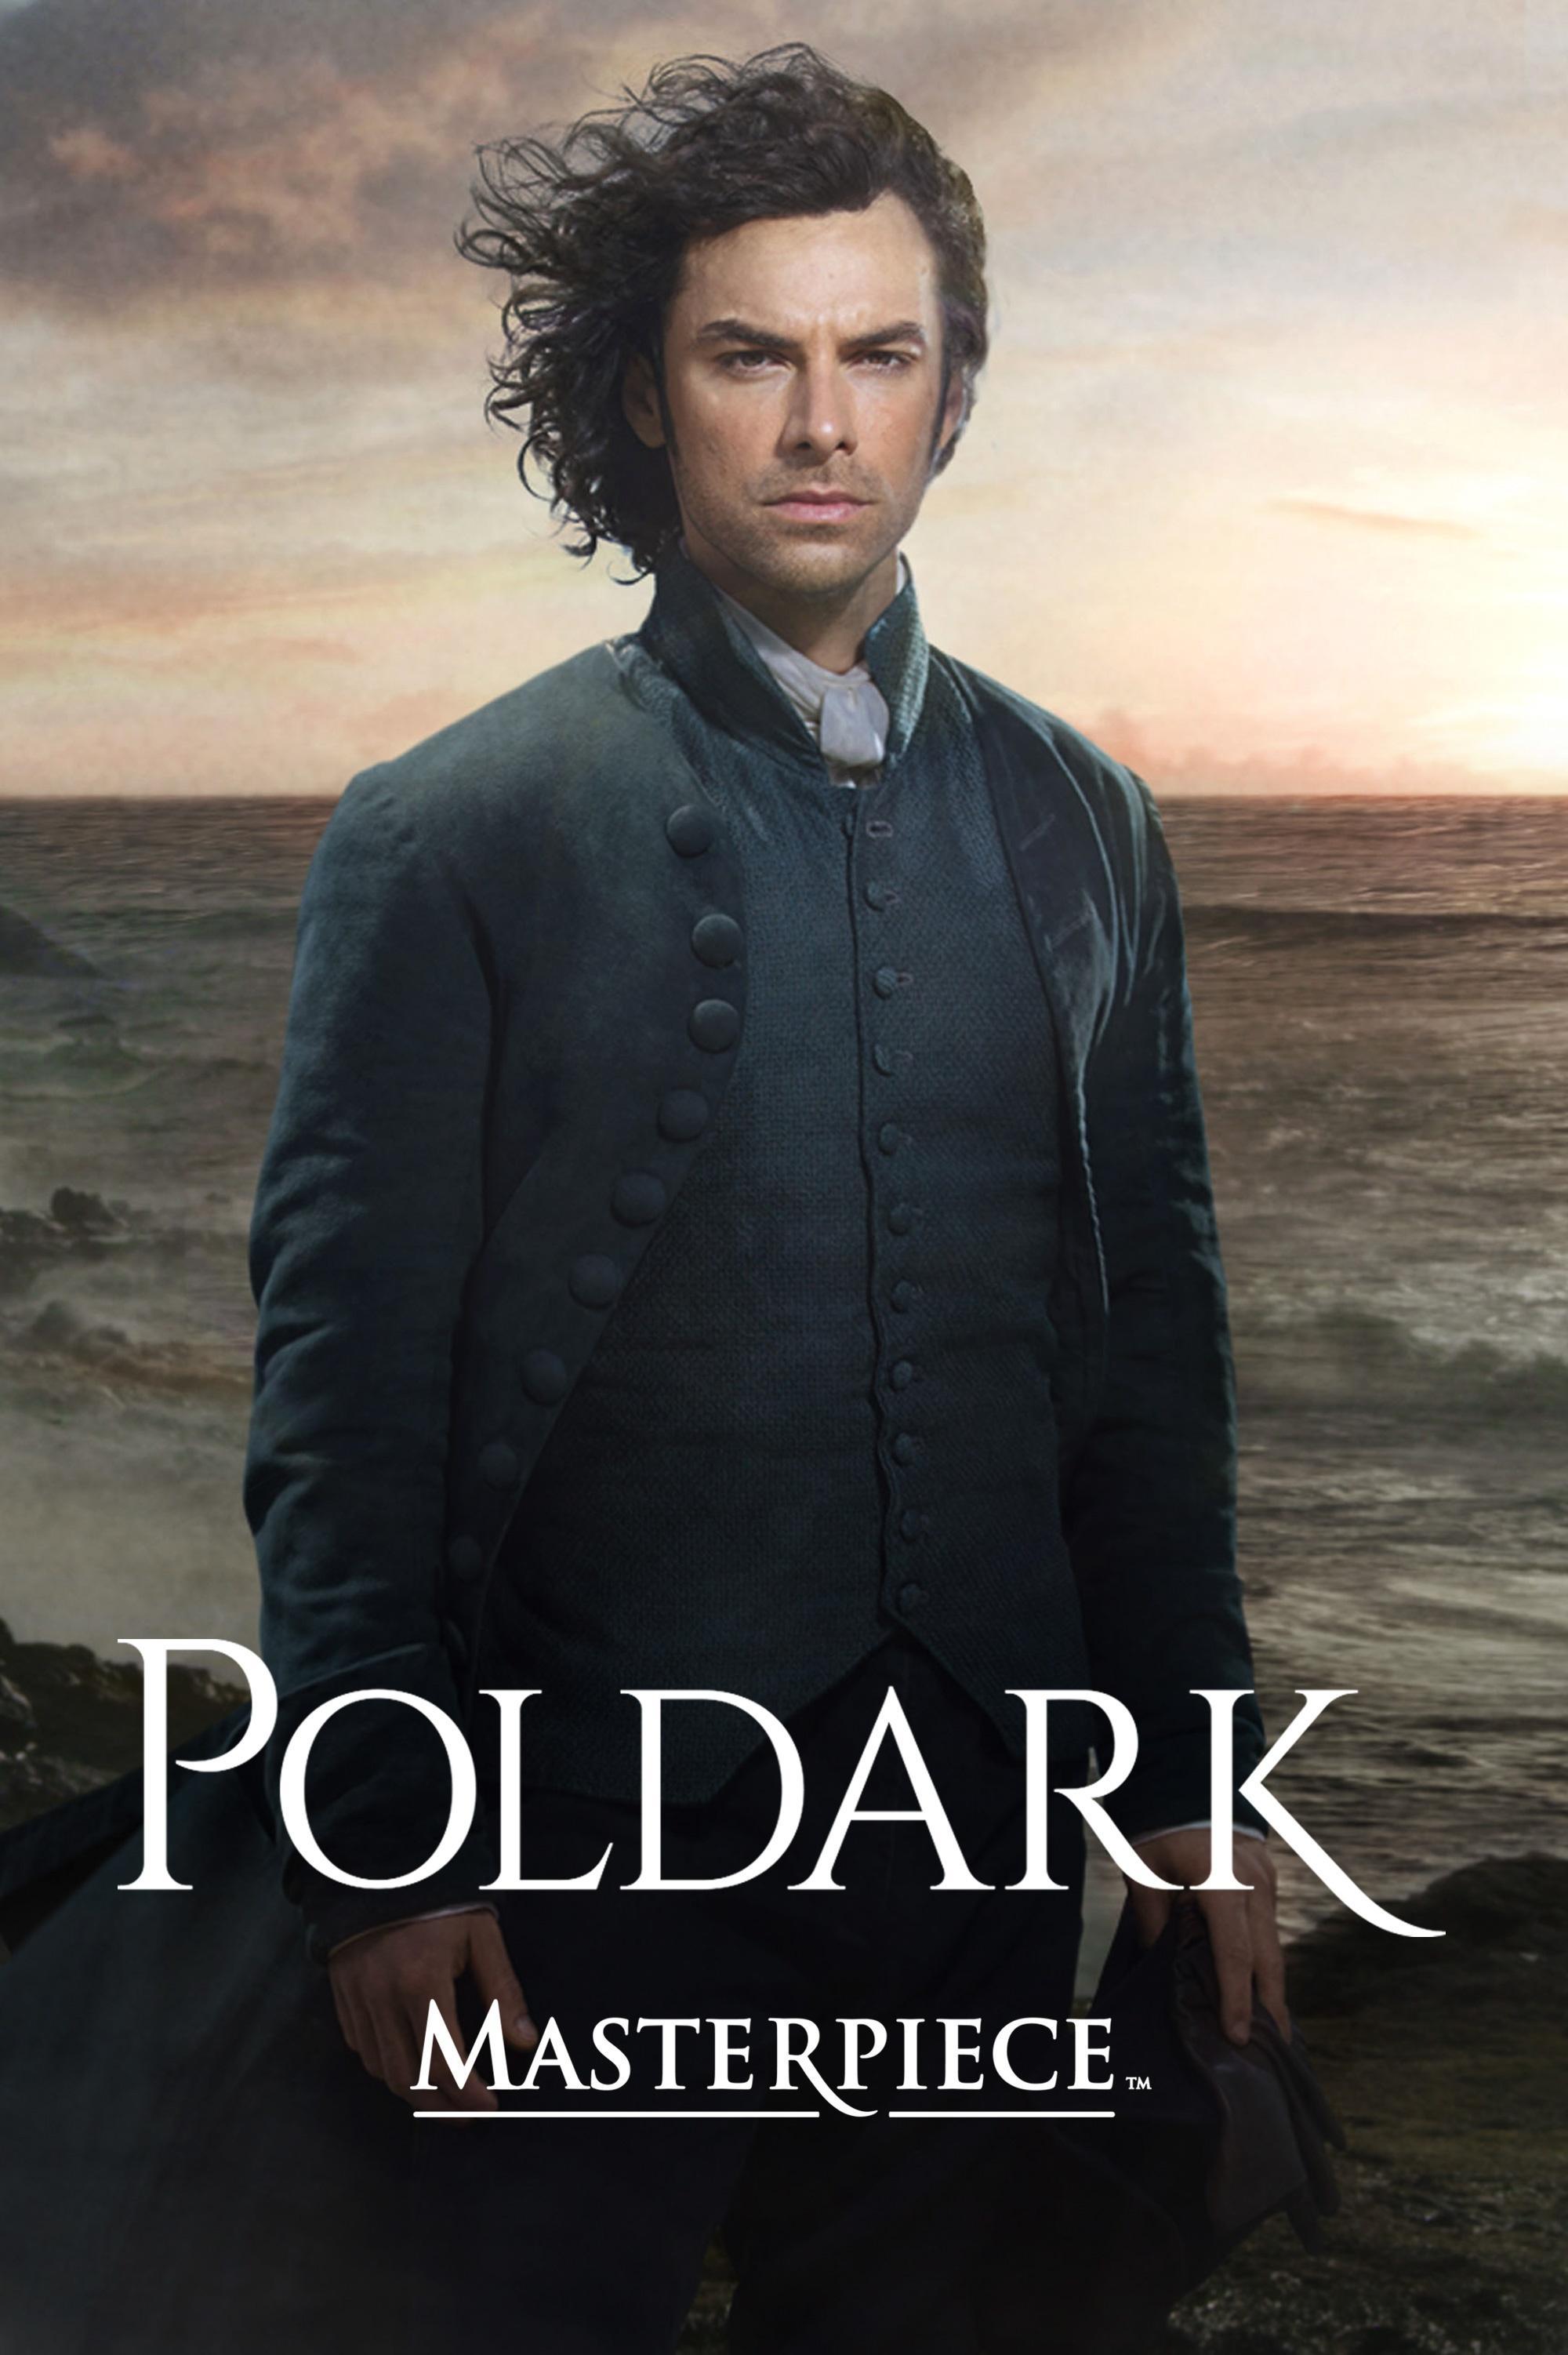 Poldark on Masterpiece